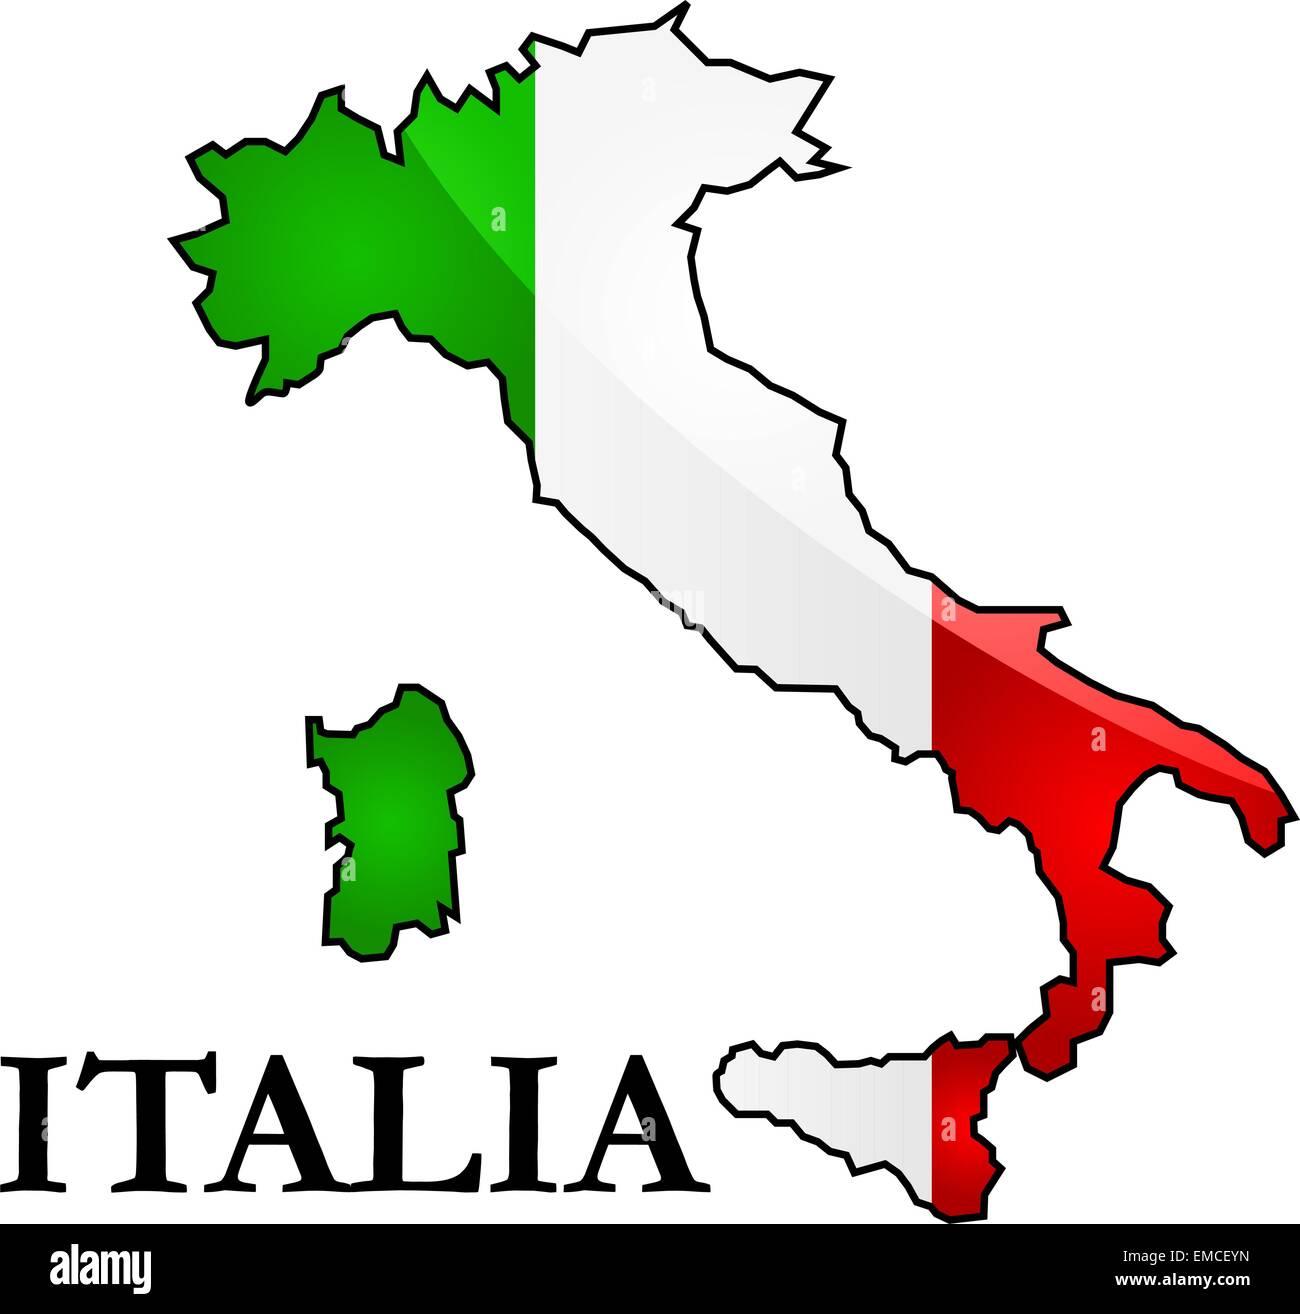 Italia Cartina Vettoriale.Mappa E Bandiera Di Italia Immagine E Vettoriale Alamy